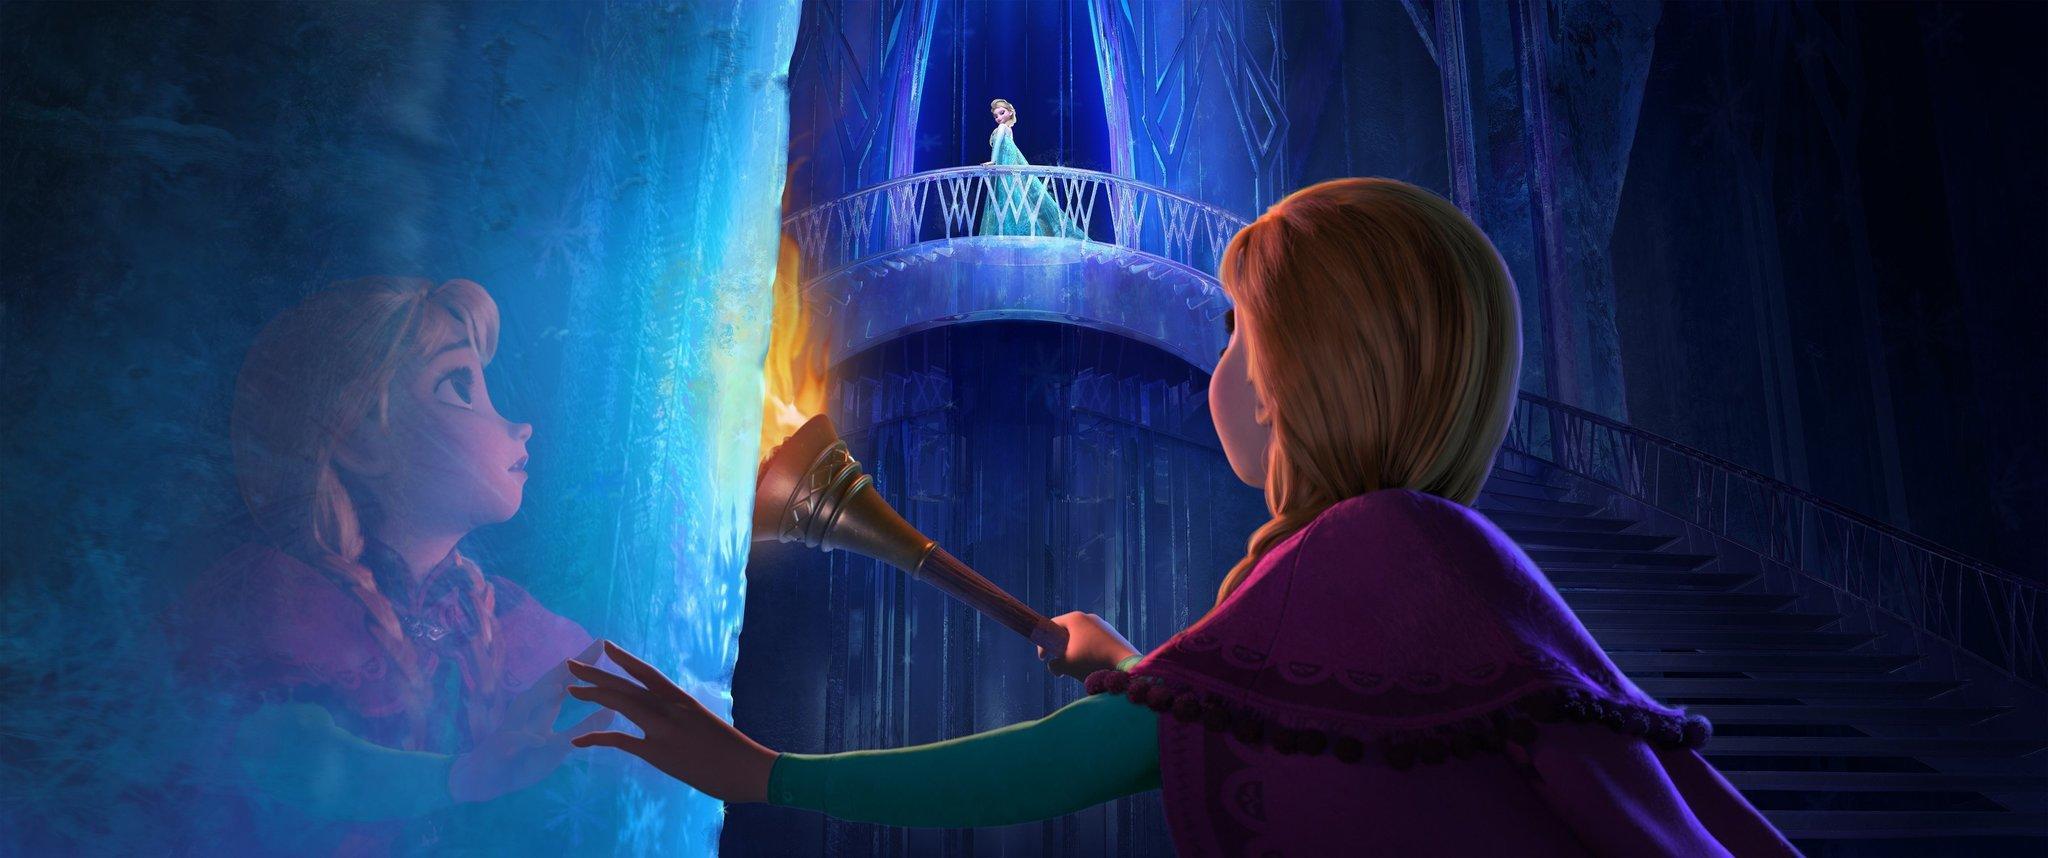 """Disney's animated """"Frozen."""""""